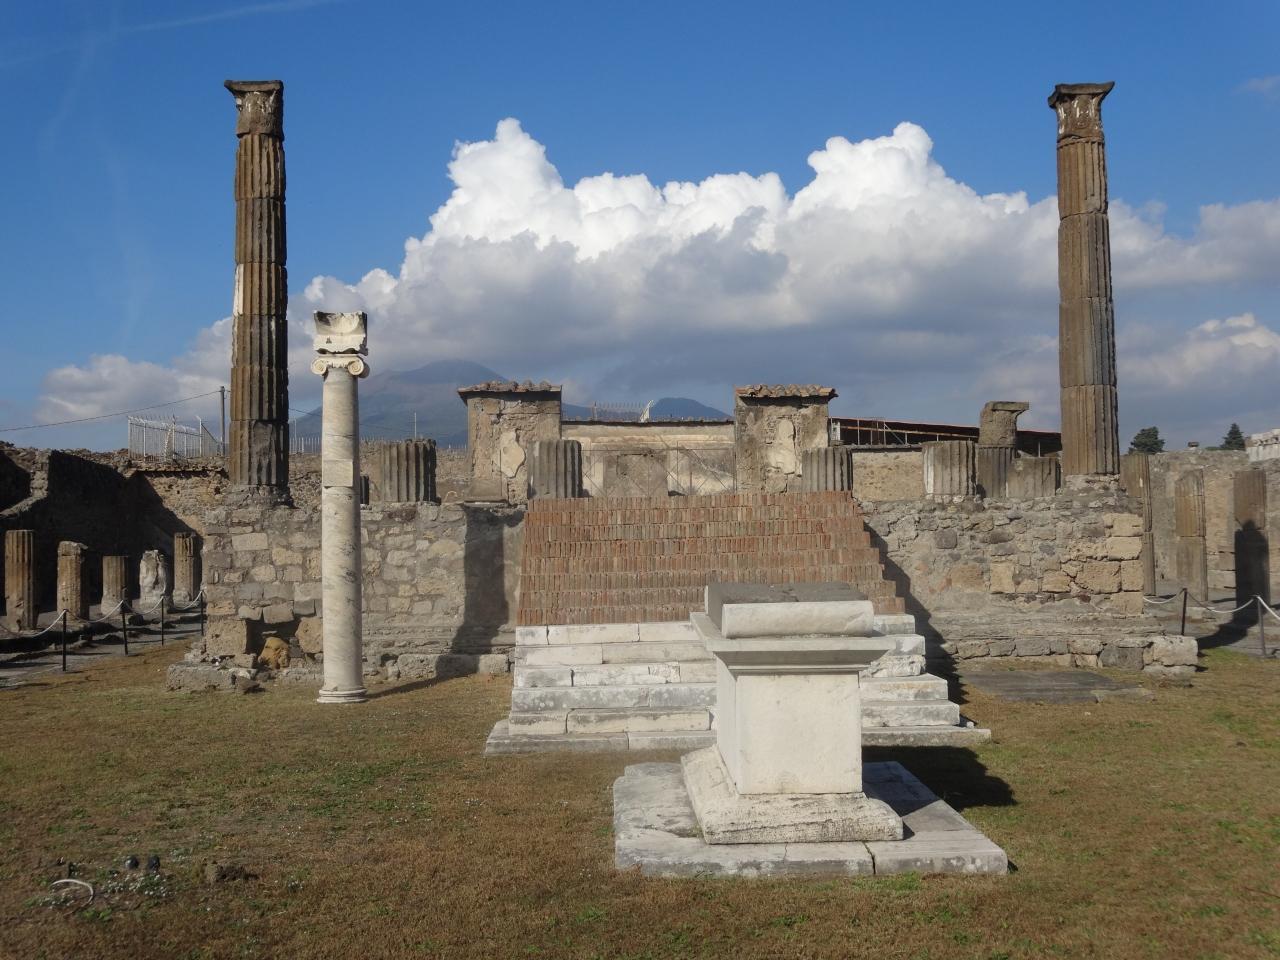 ポンペイ、ヘルクラネウム及びトッレ・アンヌンツィアータの遺跡地域の画像 p1_33